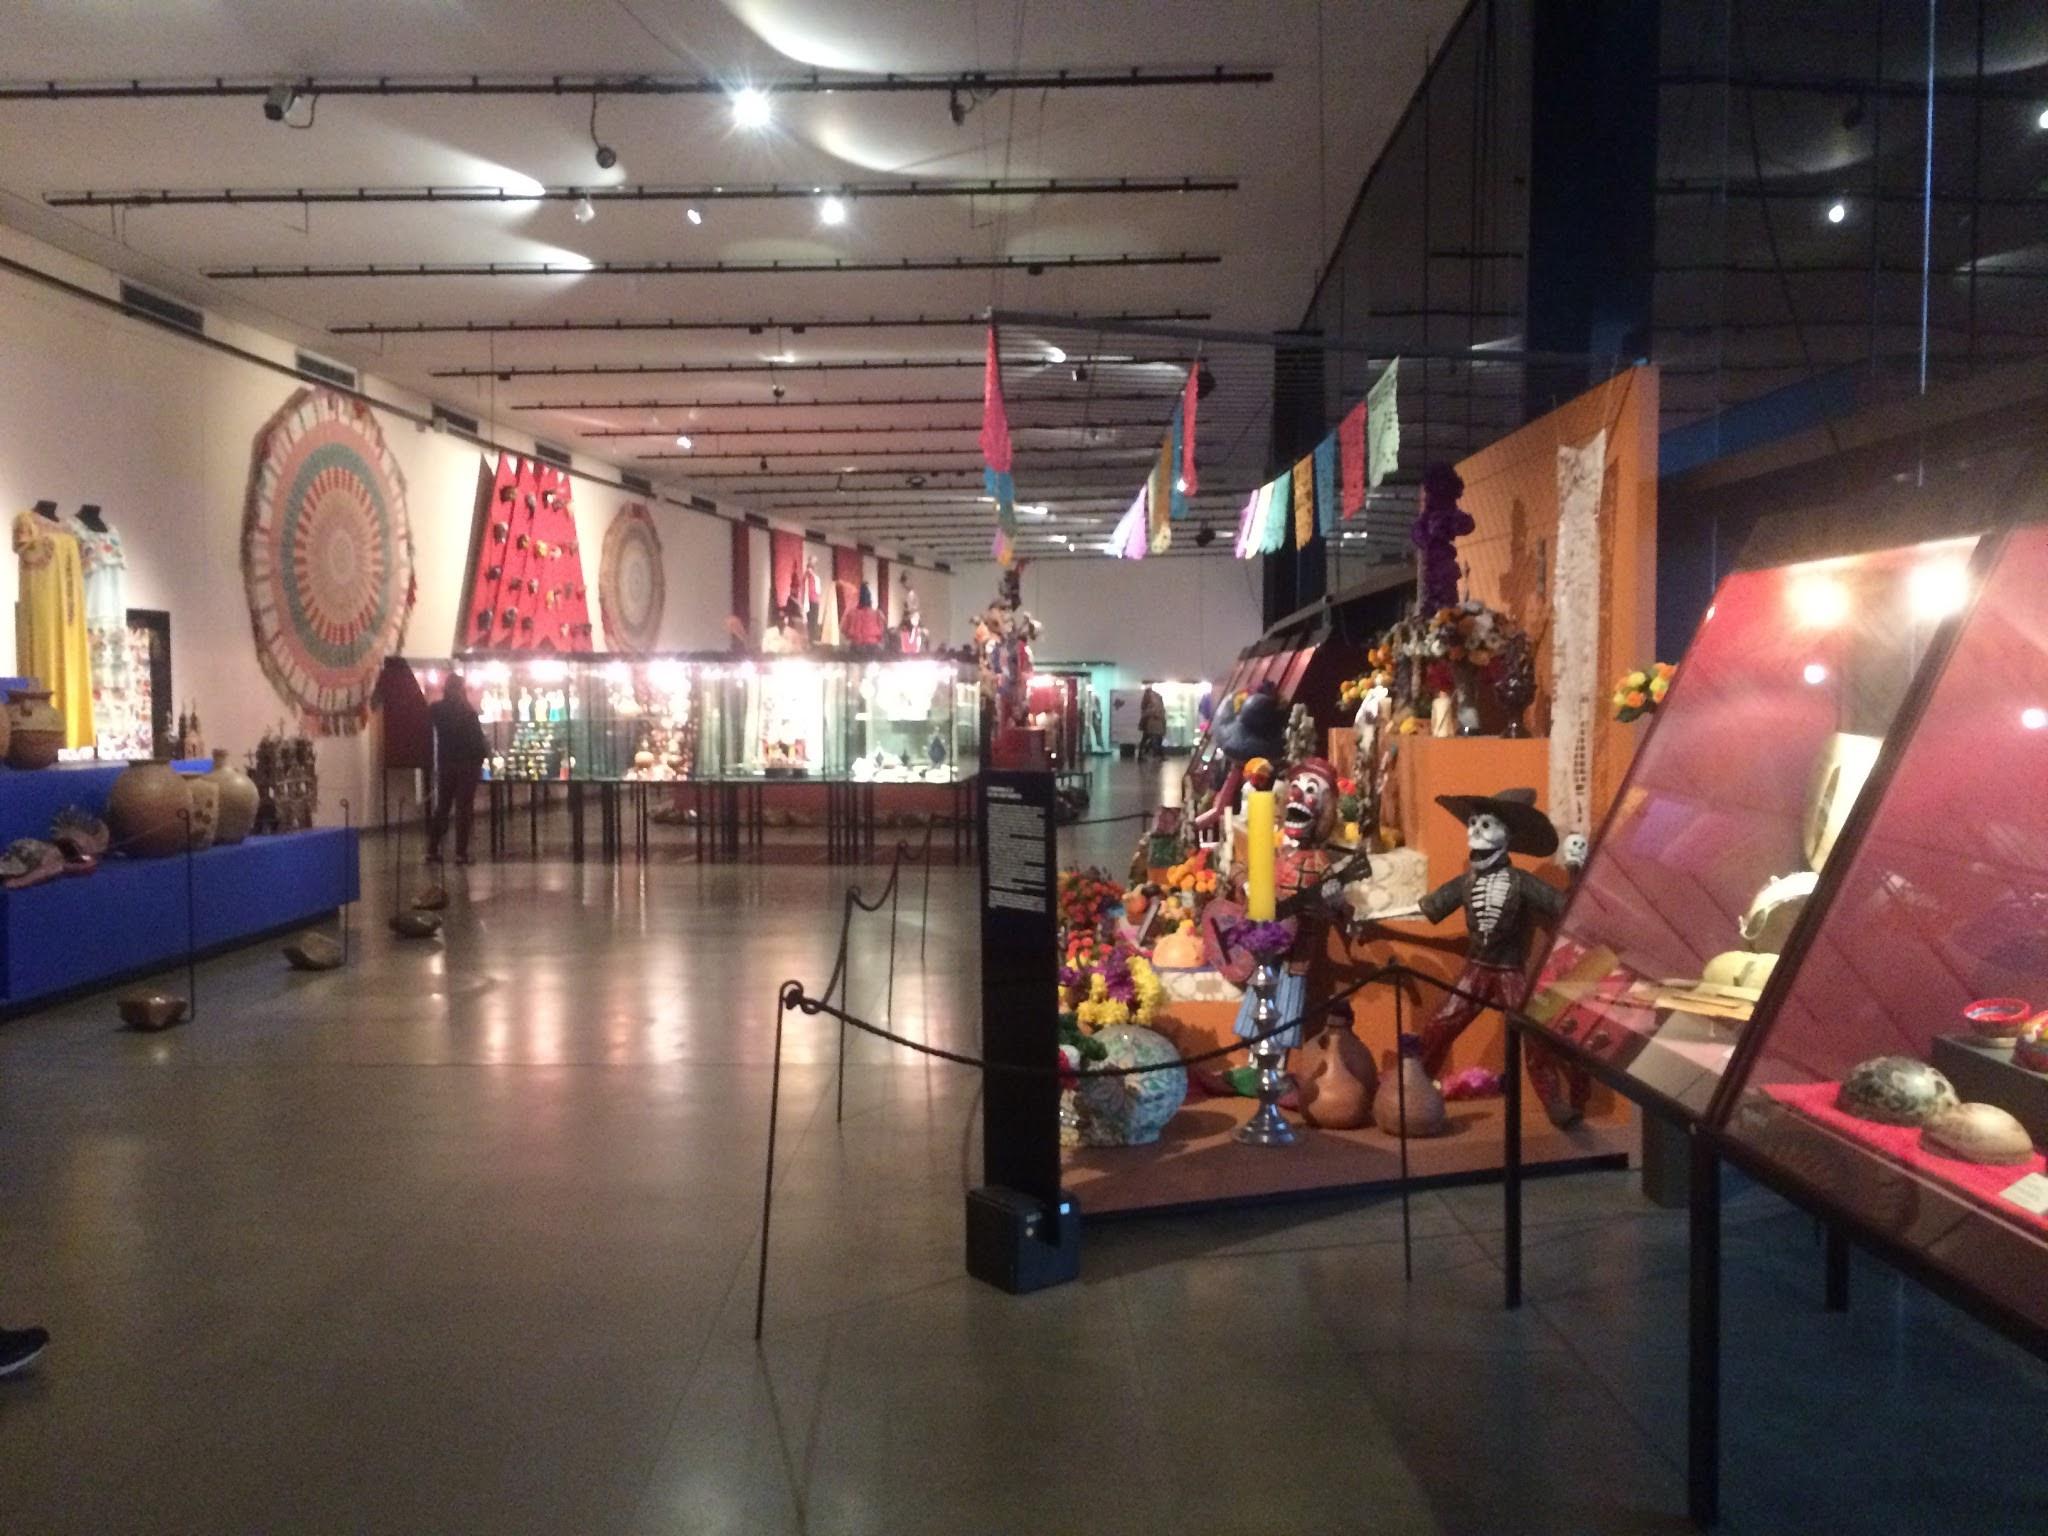 Exposições Memorial da America Latina